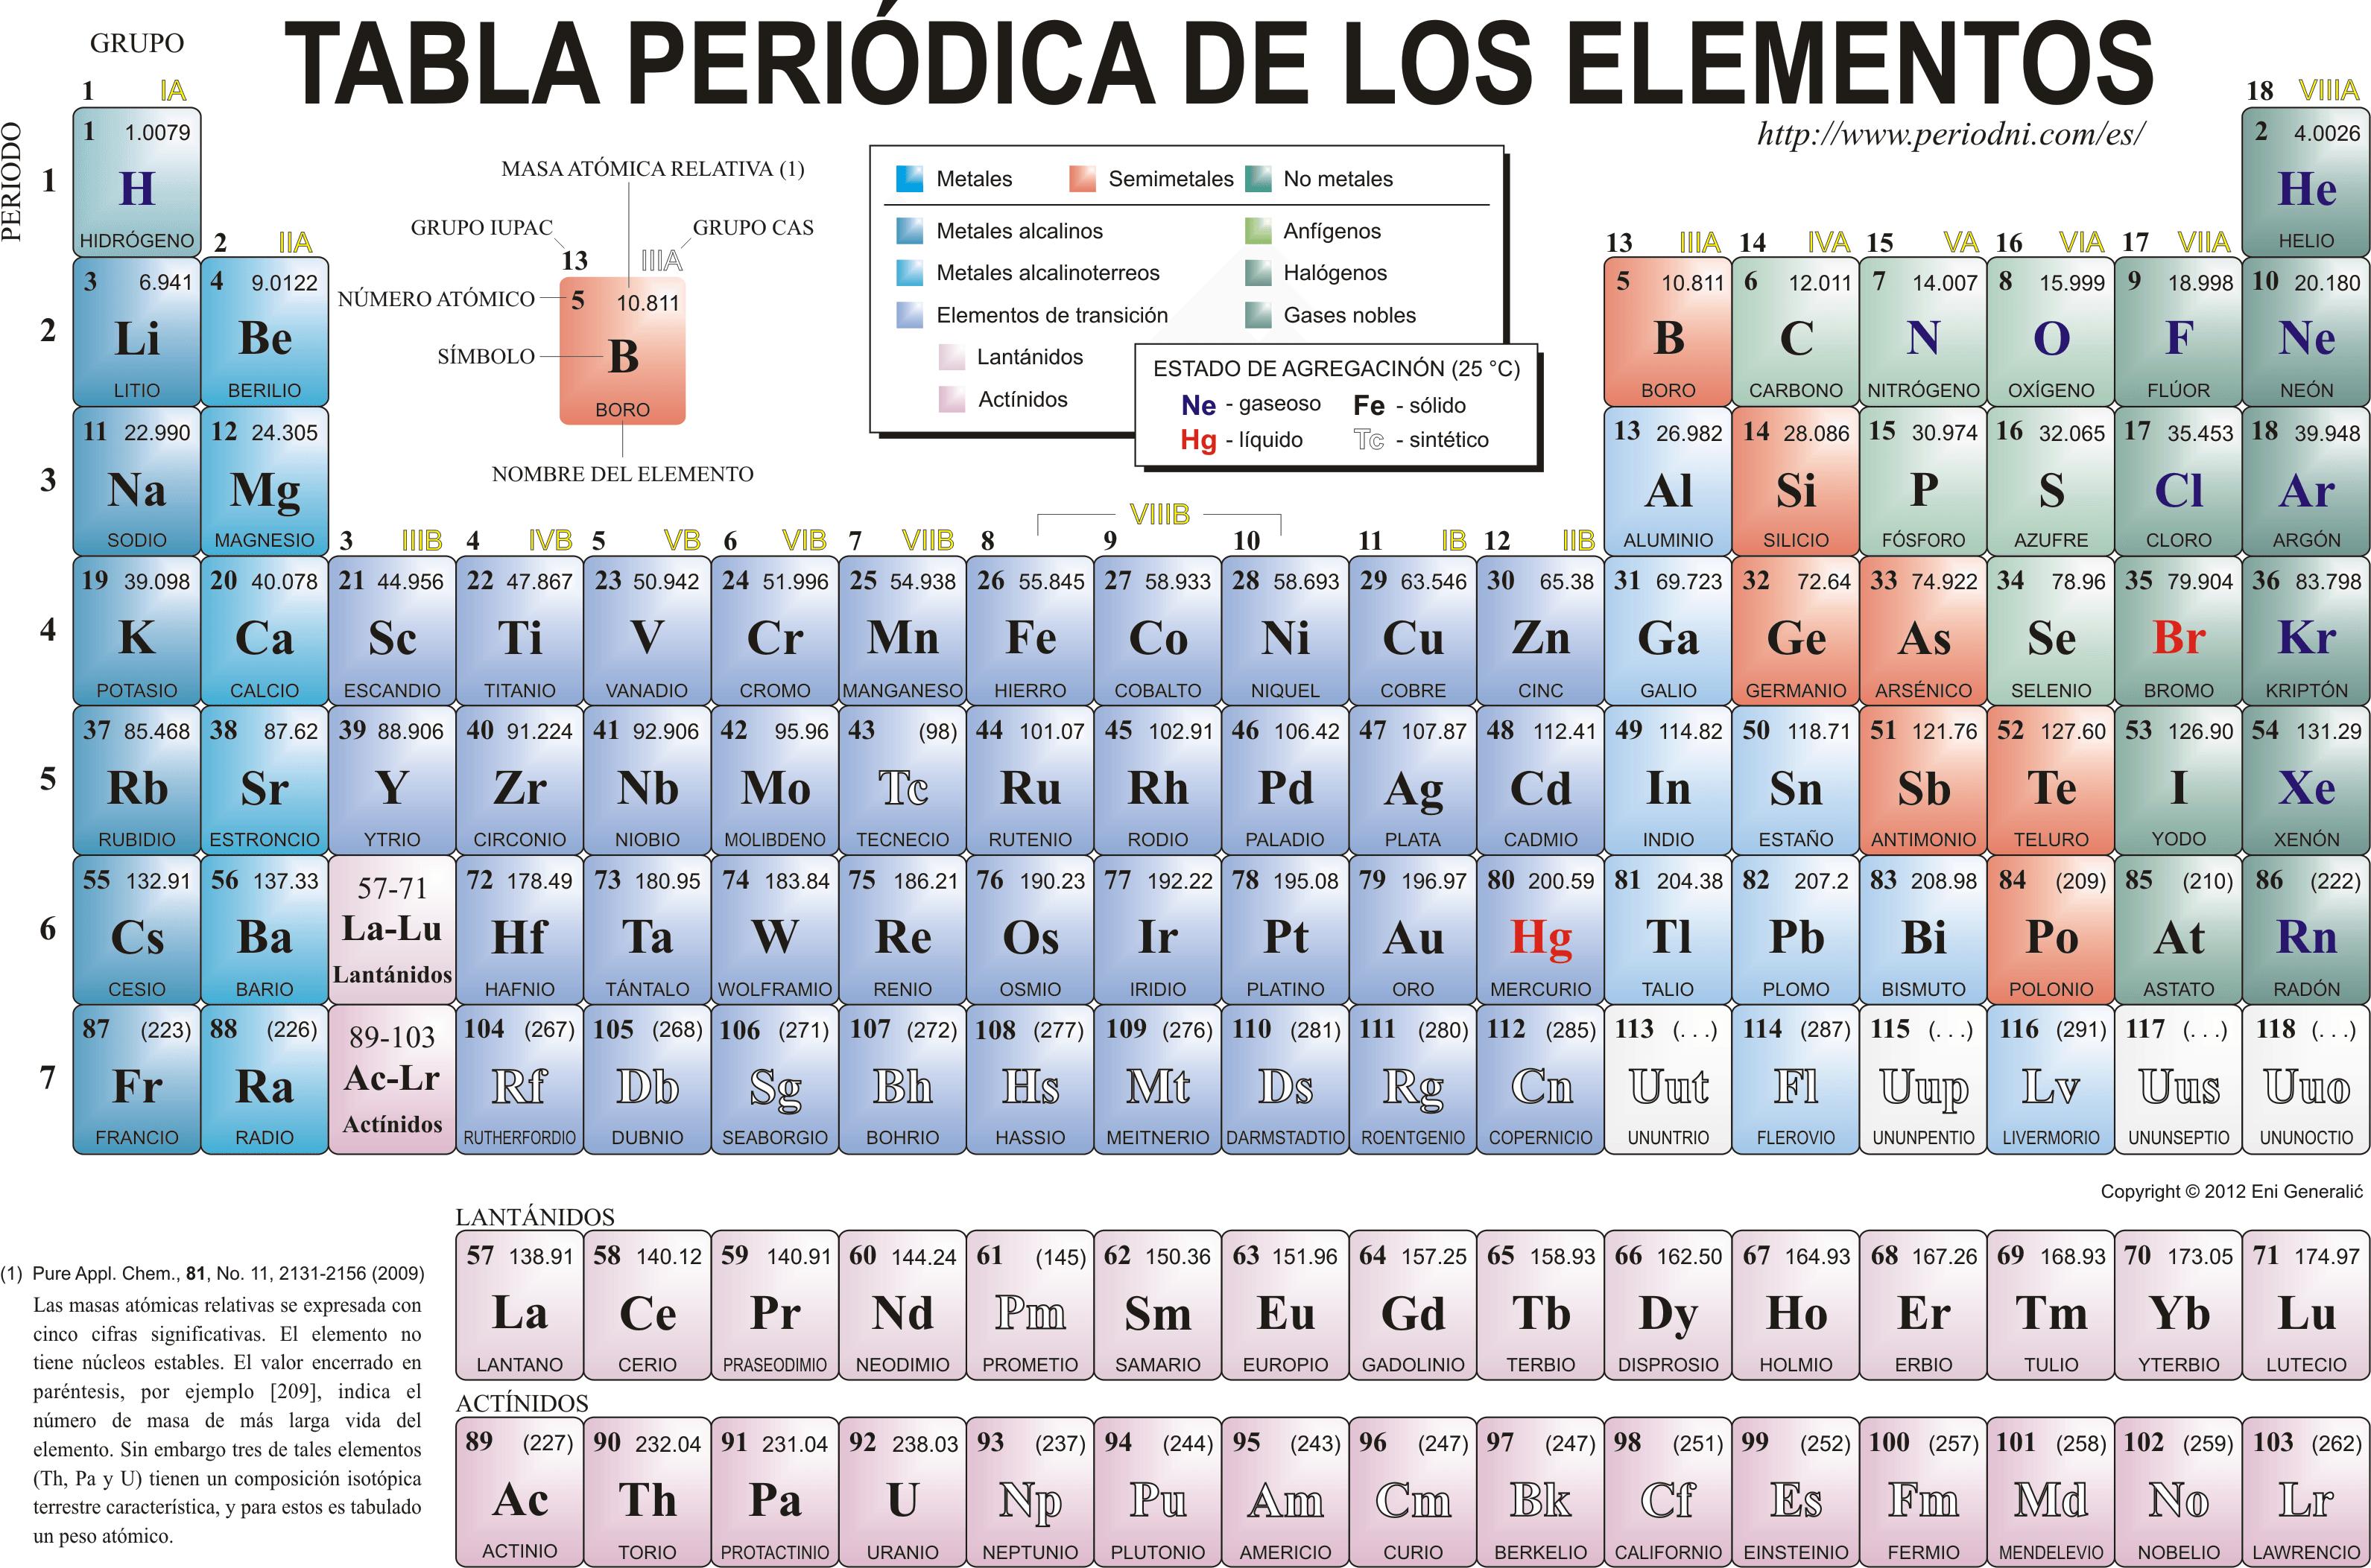 Metales txicos cmo nos llegan al cuerpo y cmo nos afectan ls se denominan metales pesados o metales txicos a aquellos elementos qumicos que poseen un peso atmico podemos verlo en la tabla peridica urtaz Images